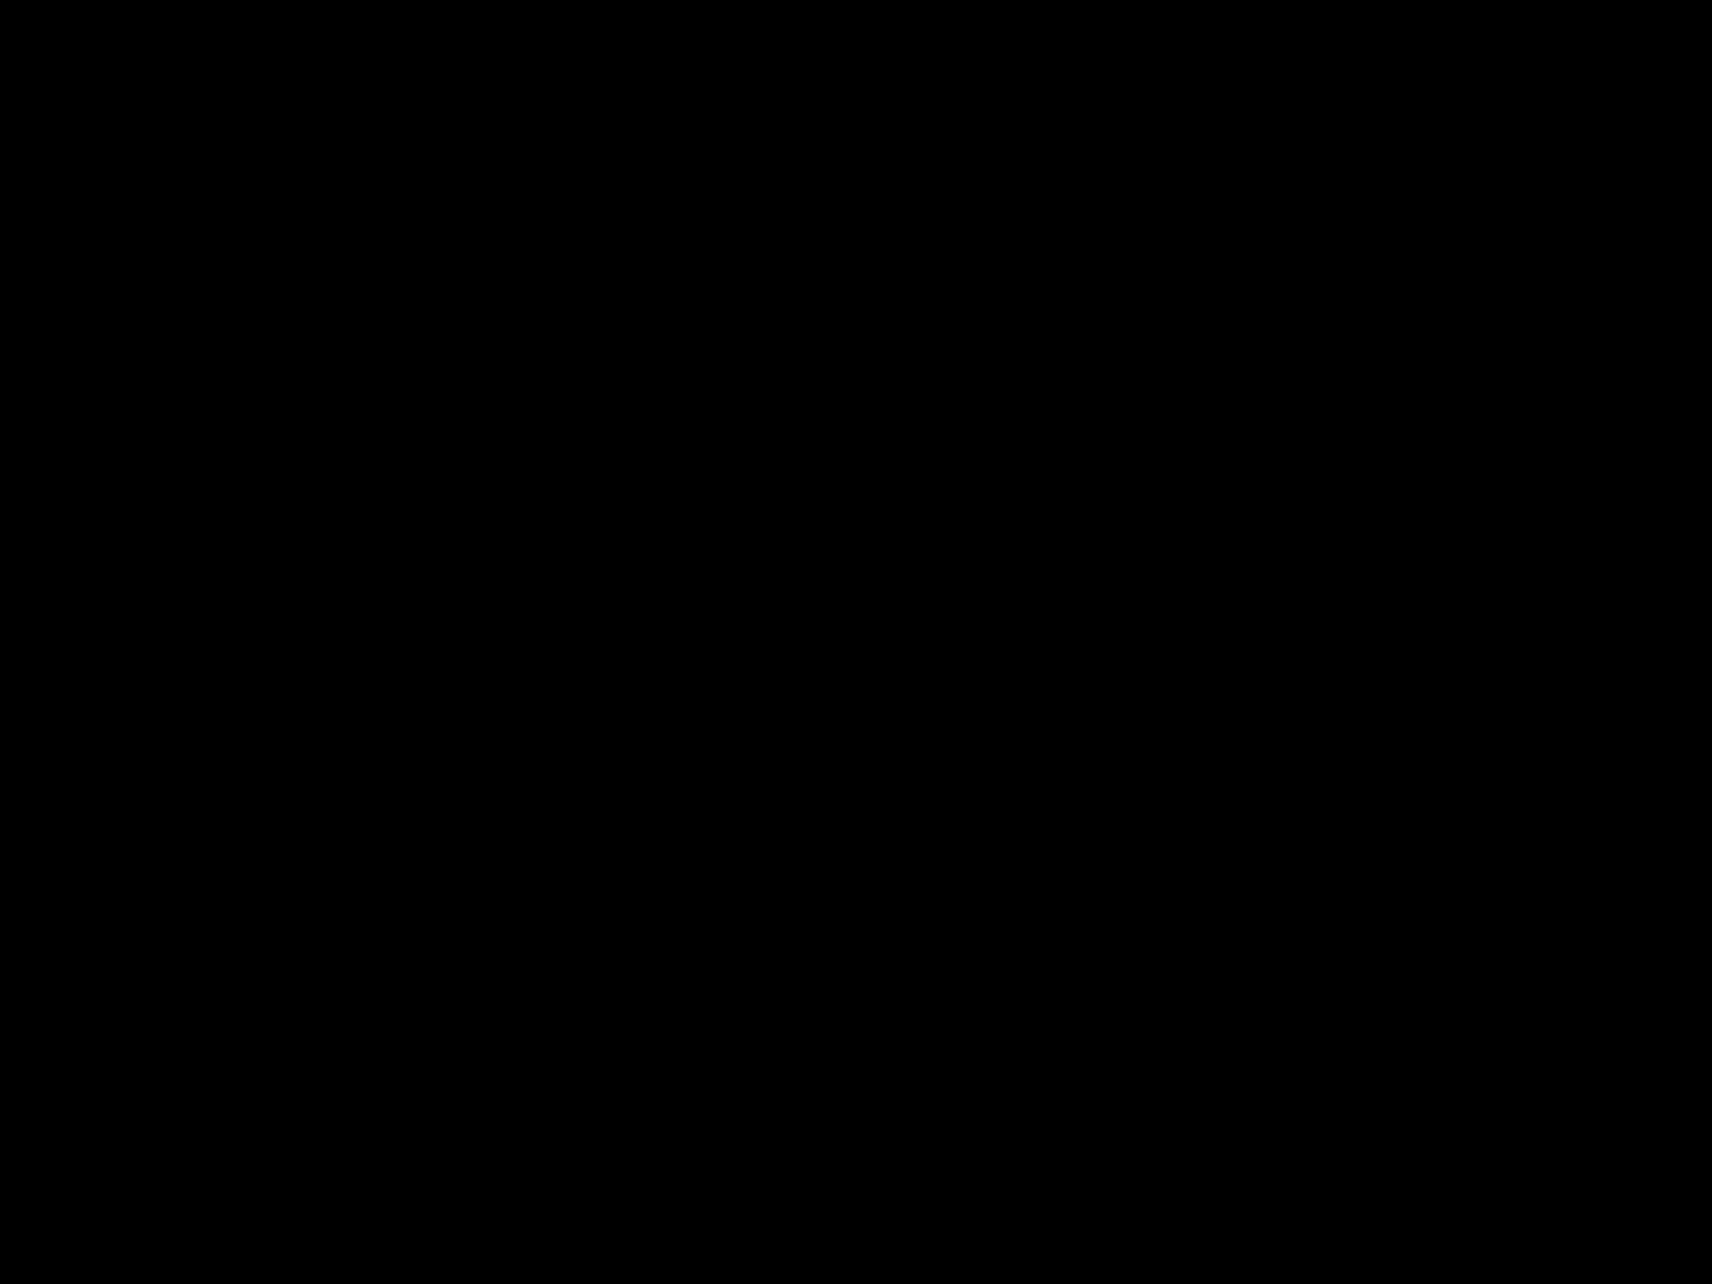 41884_11.jpg